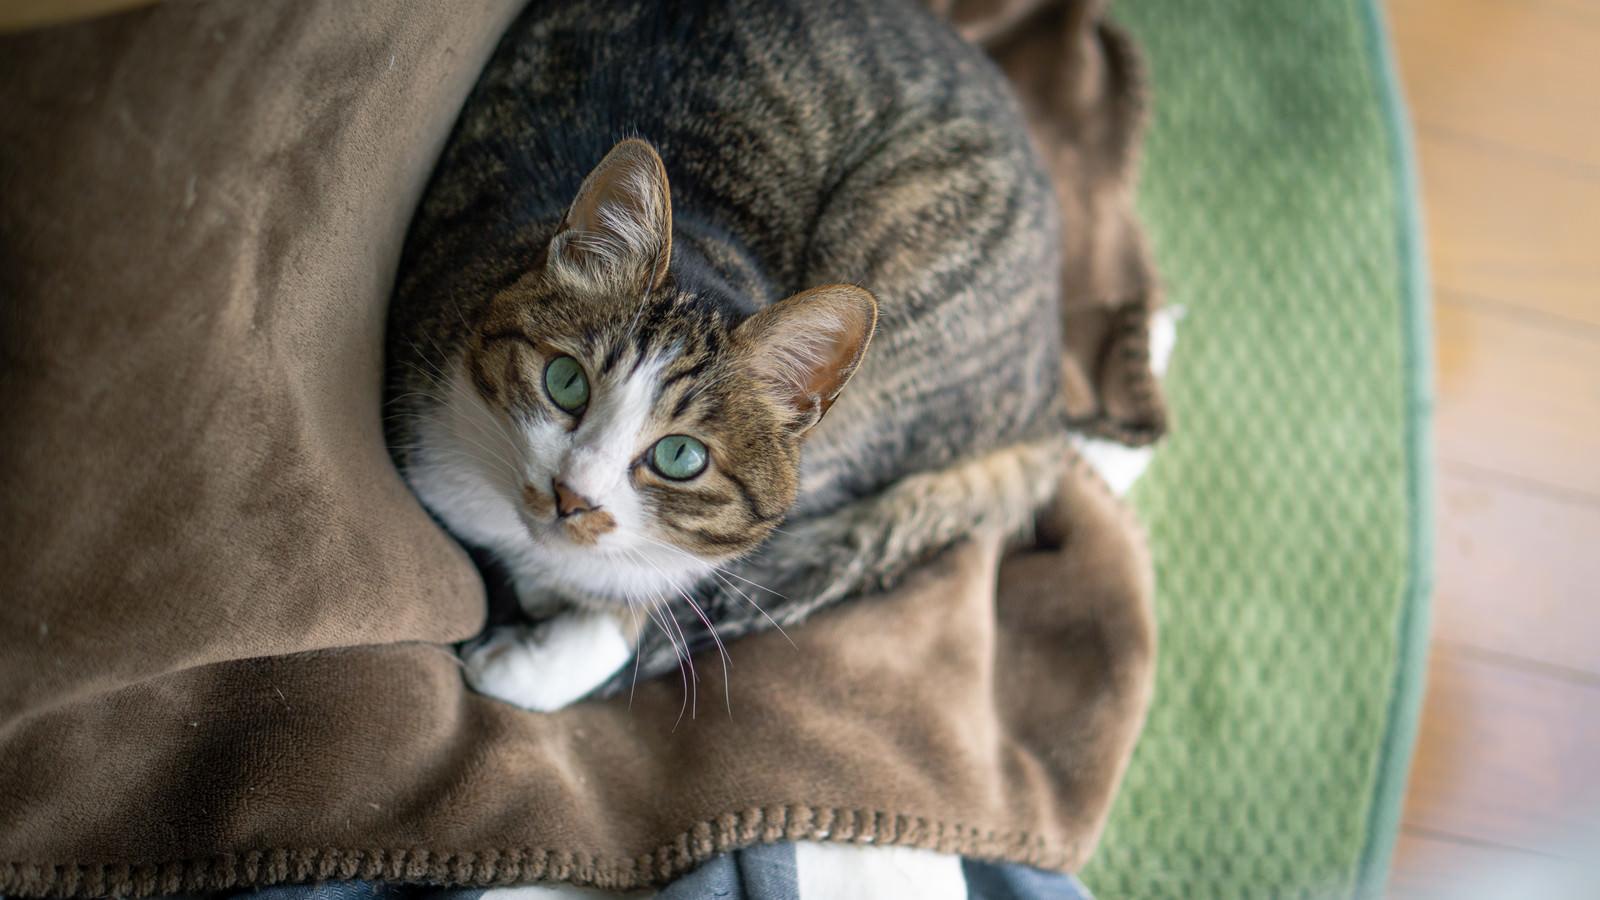 「ブランケットの上でくつろぐ猫」の写真